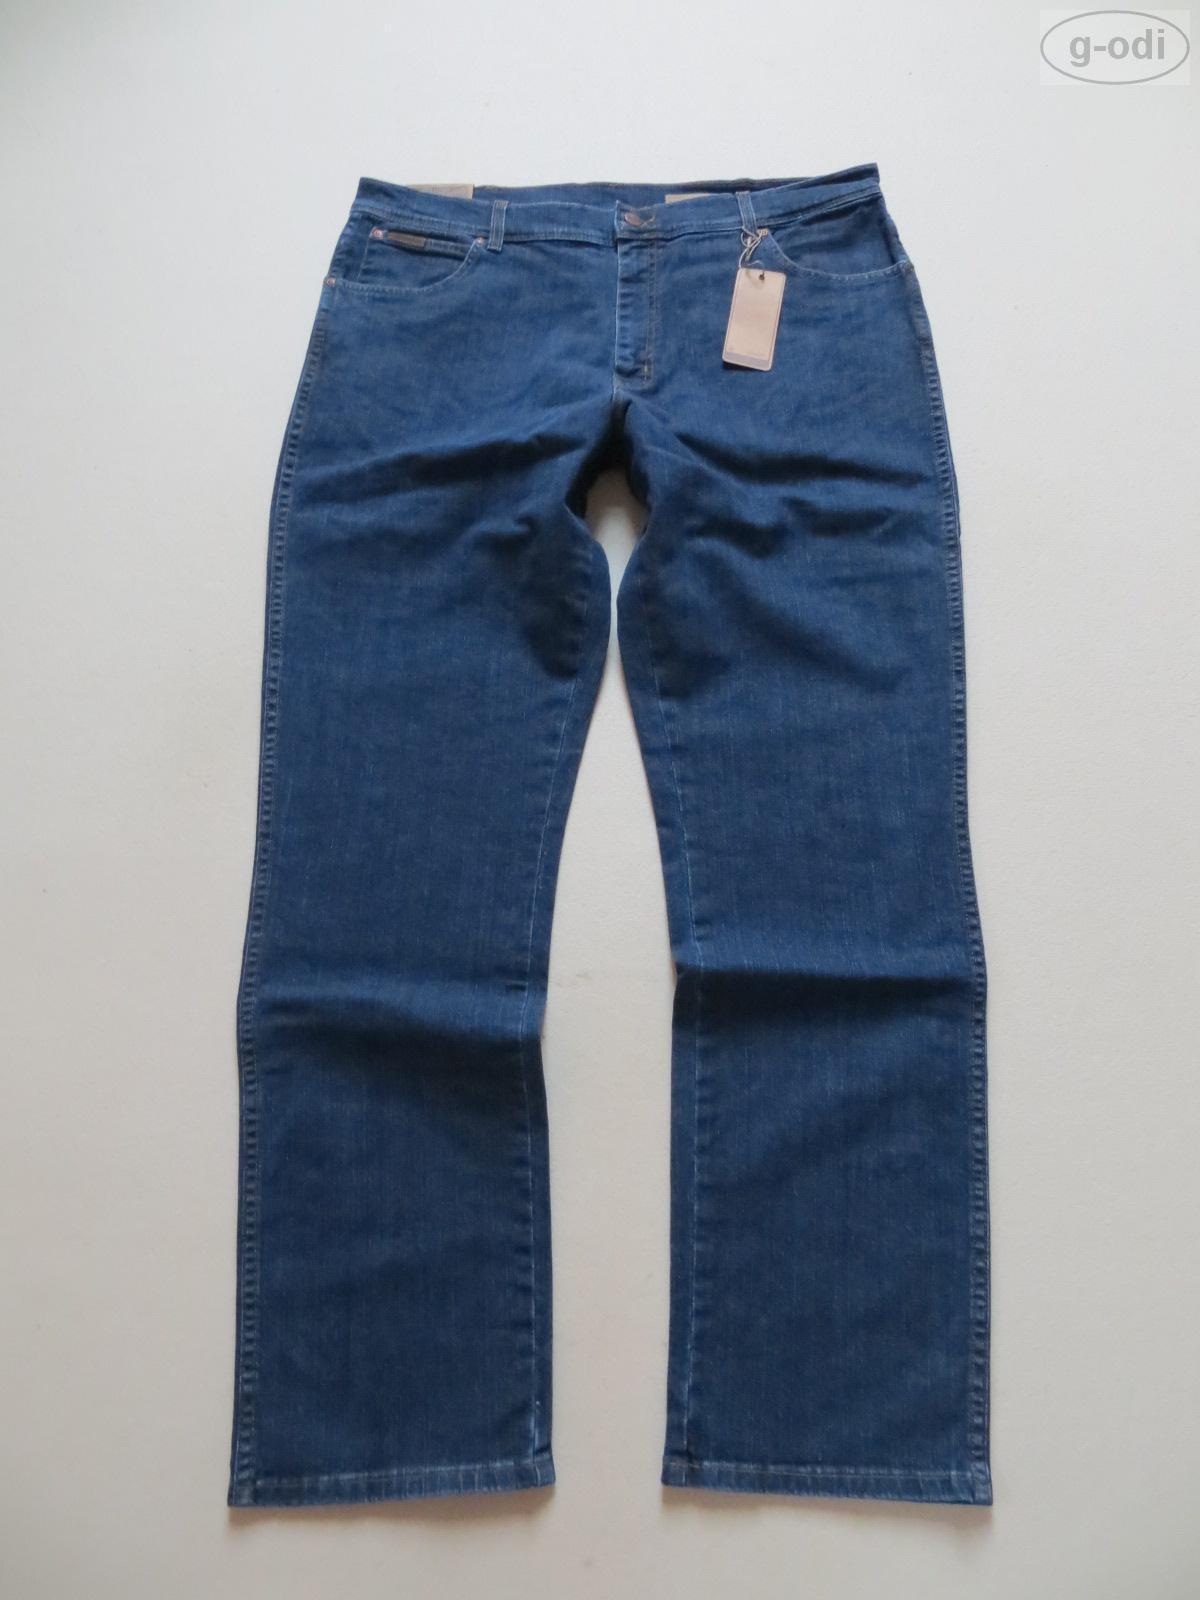 Wrangler TEXAS Stretch Jeans Hose, W 38  L 34, NEU   Dark Indigo Denim, Bequem